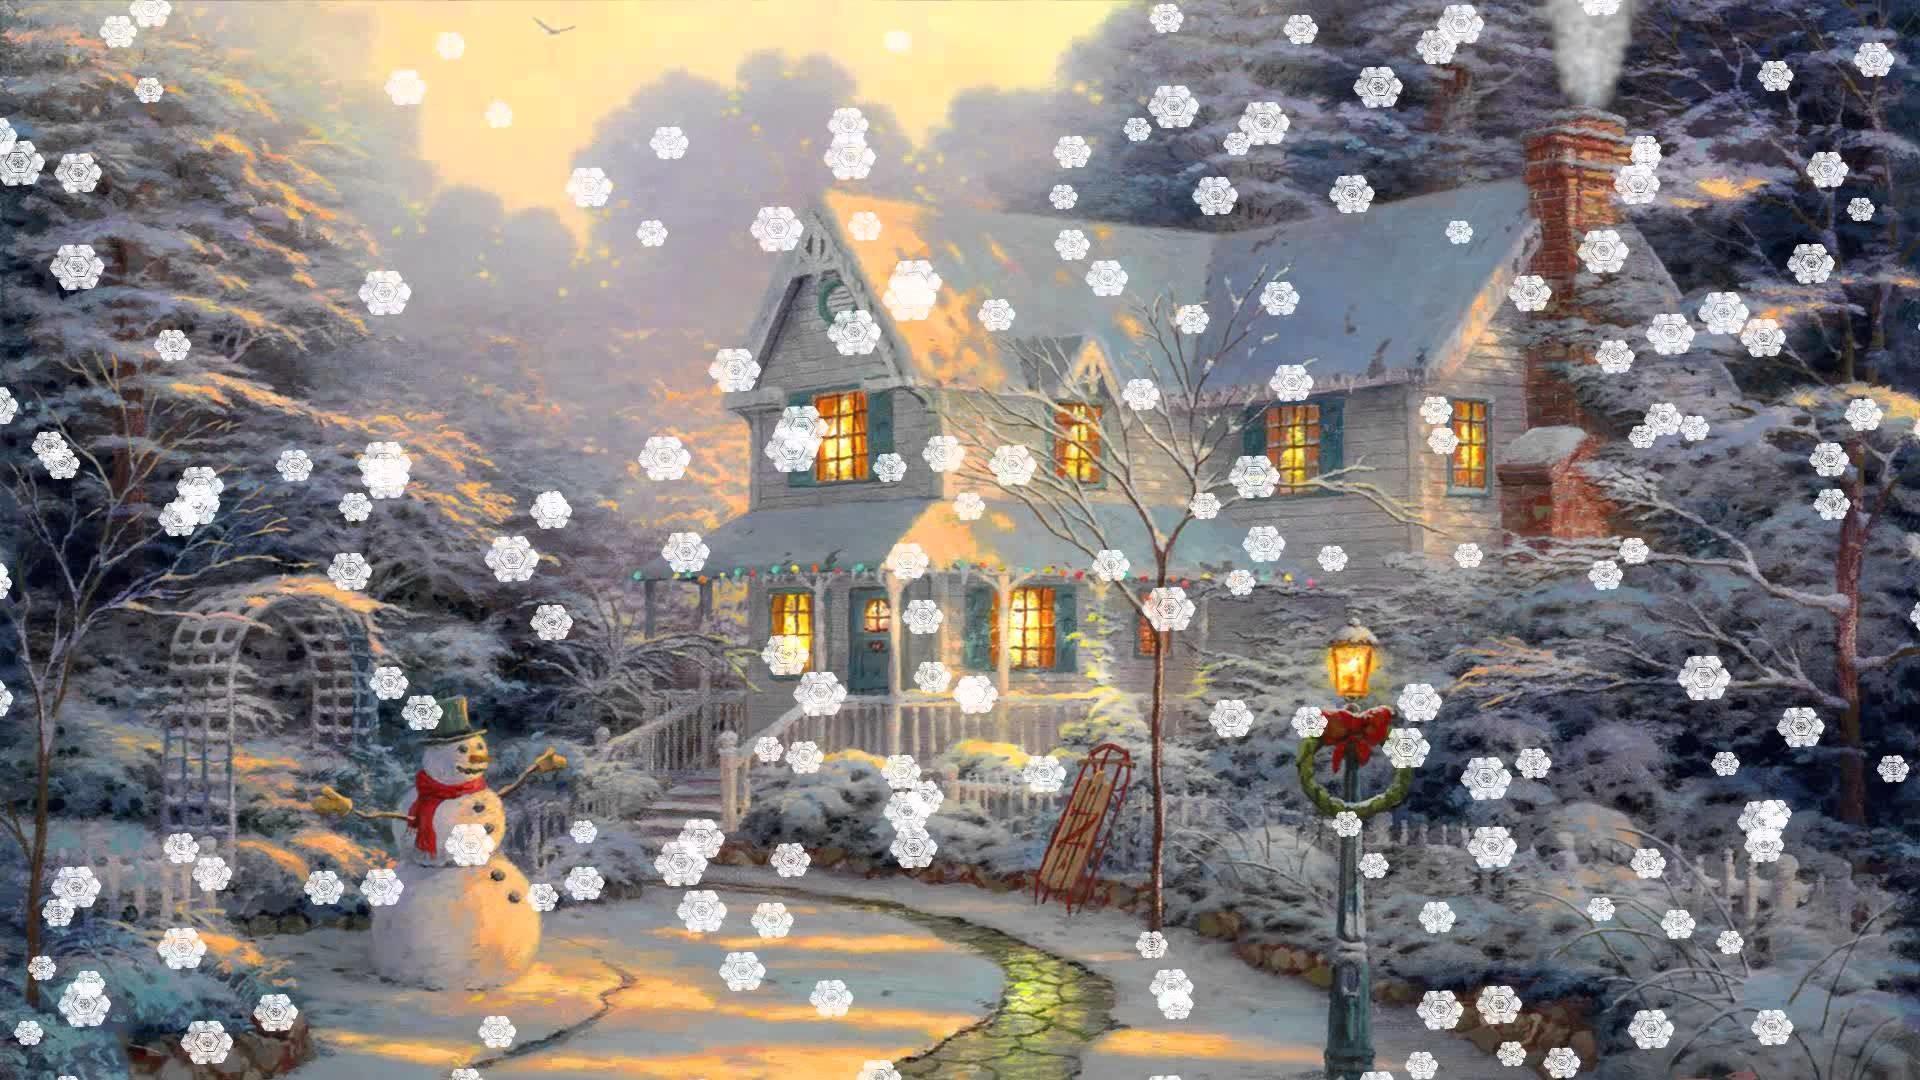 Christmas Eve Animated Wallpaper https://www.desktopanimated.com